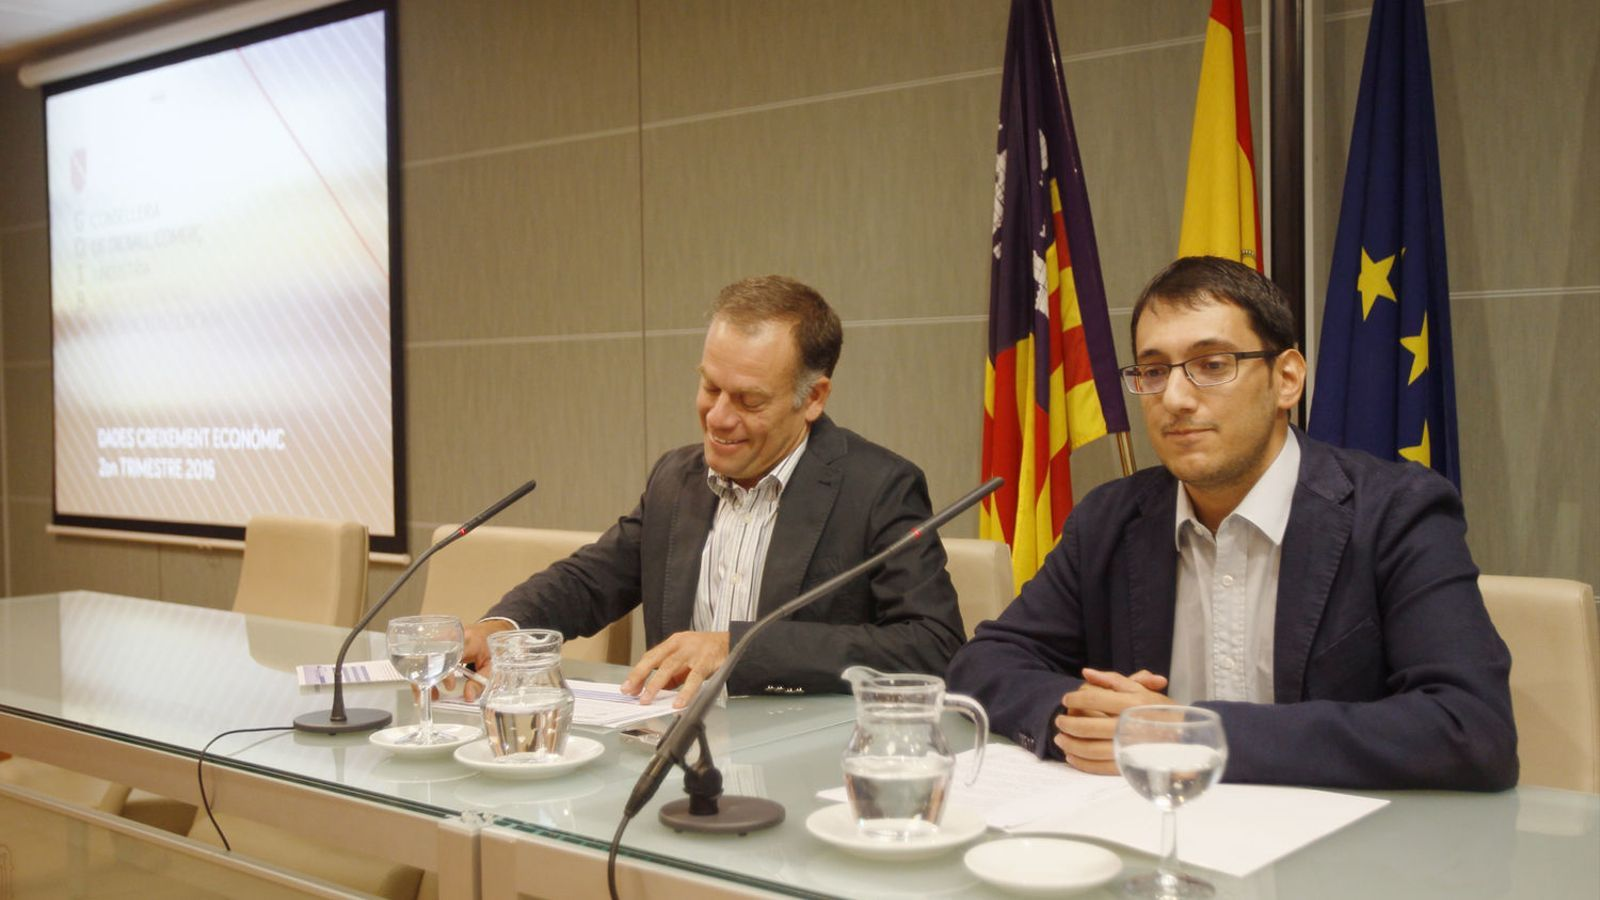 Negueruela i Pou, en una imatge d'arxiu.